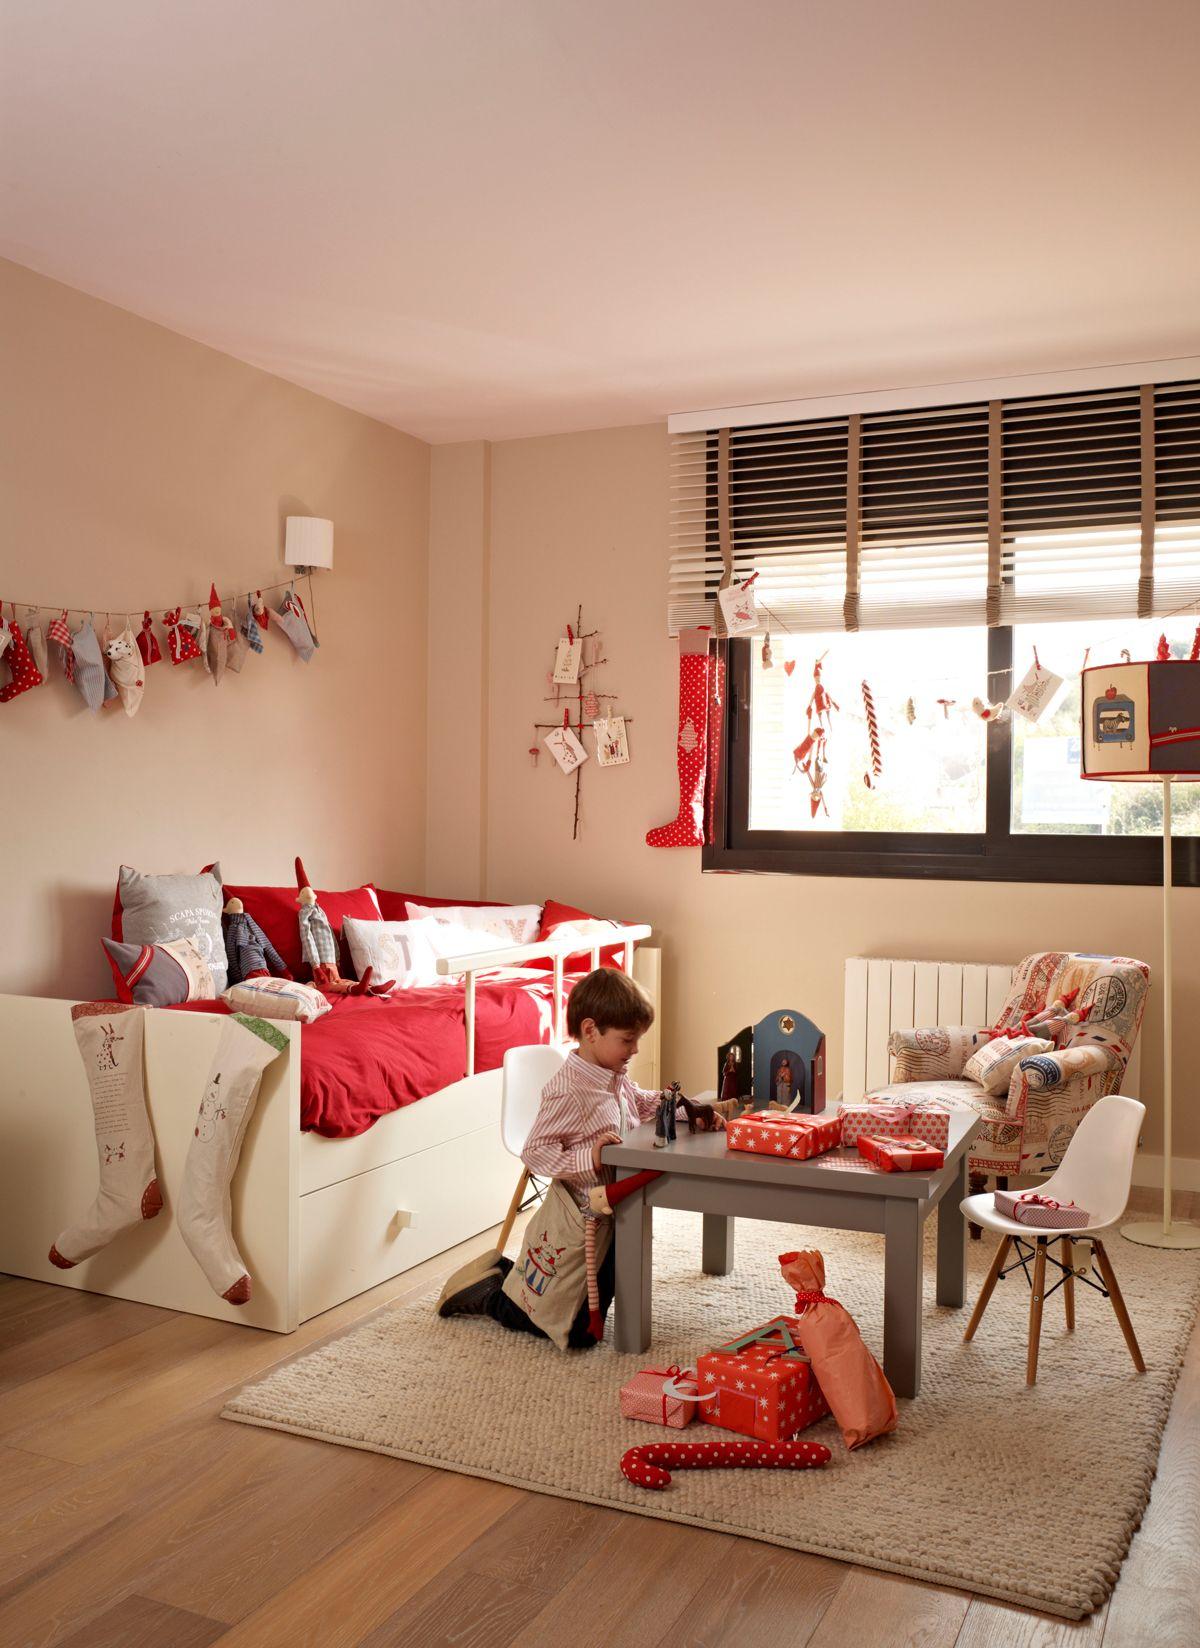 Dormitorio de ni os con cama blanca mesita silla l mpara de pie